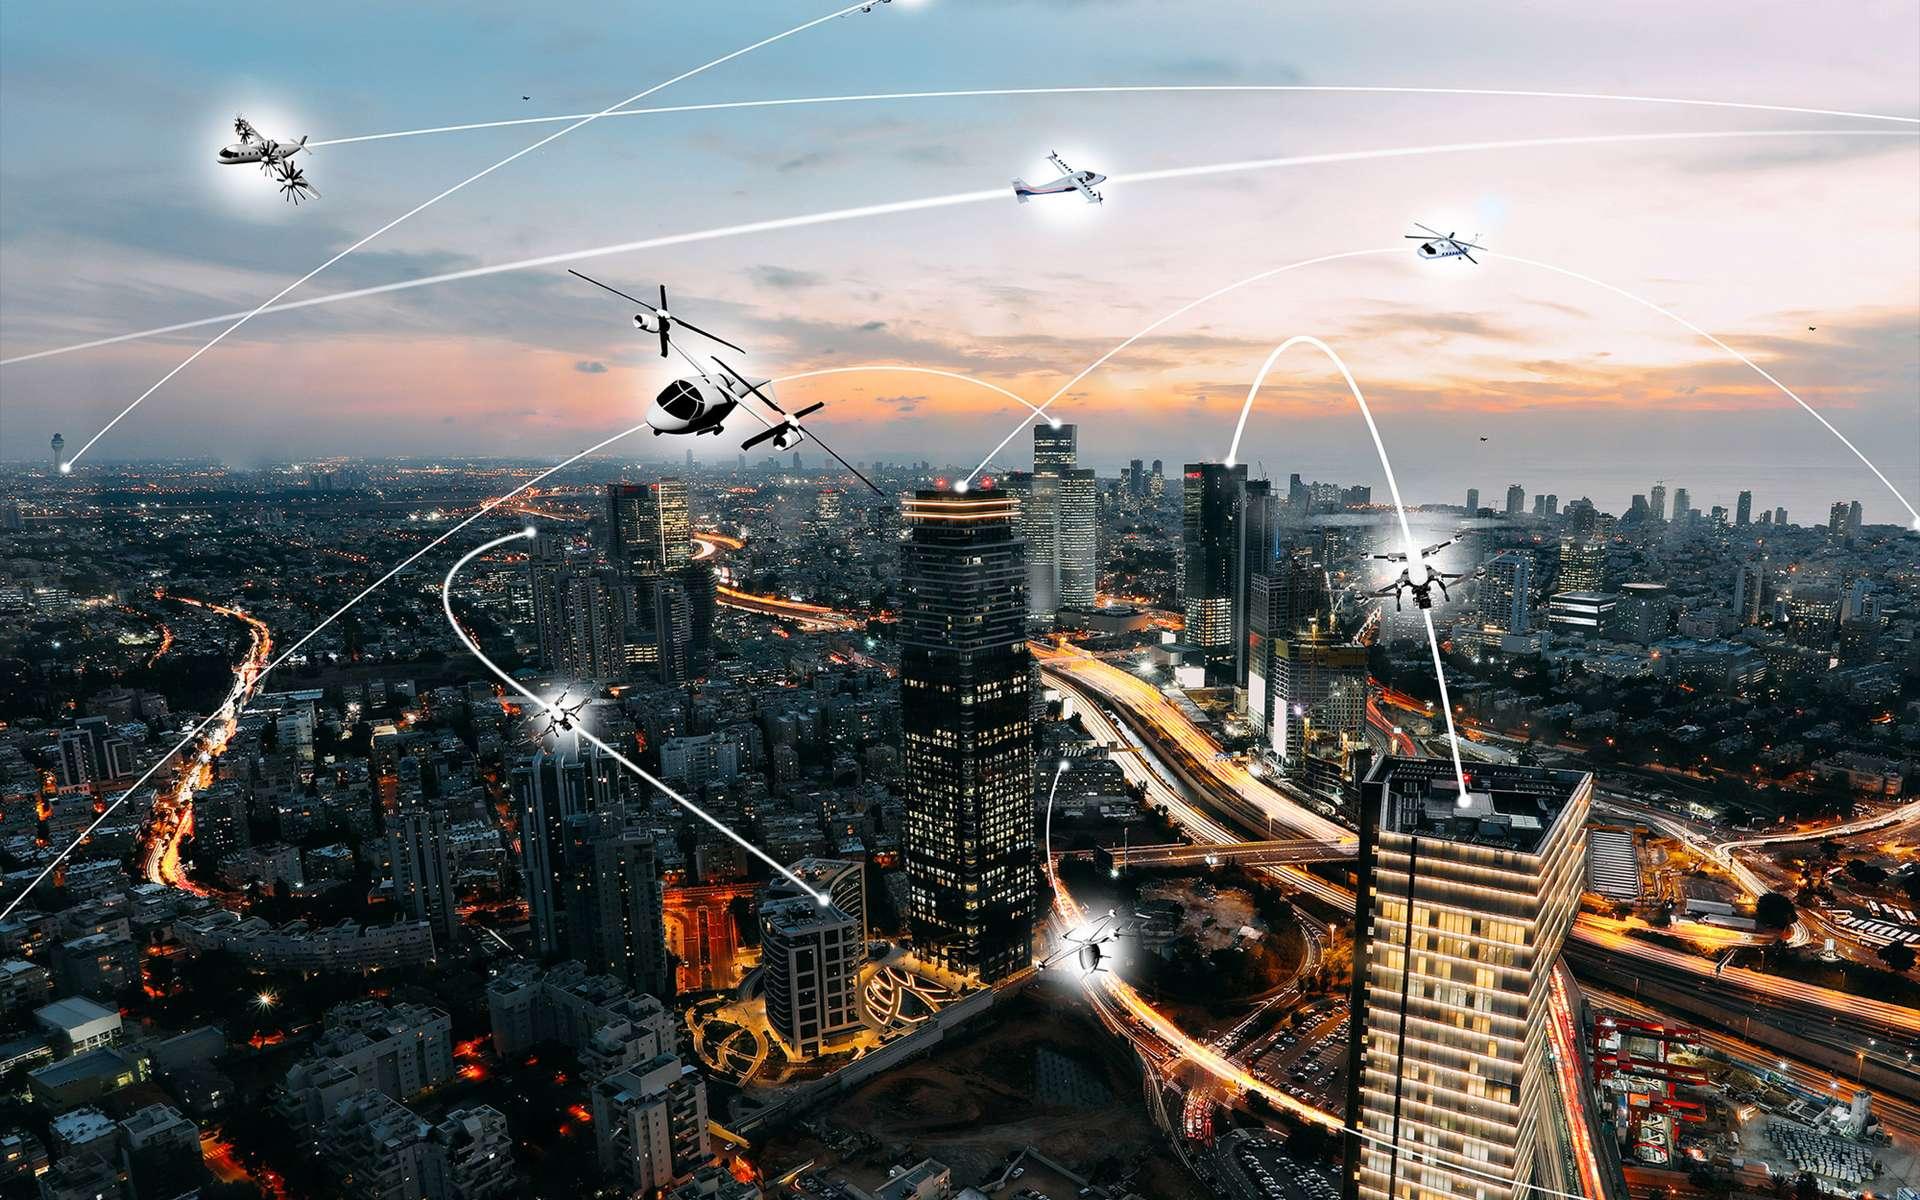 Le bel avenir de la mobilité urbaine aérienne où se côtoieront drones, véhicules volants et avions. © Nasa, Lillian Gipson